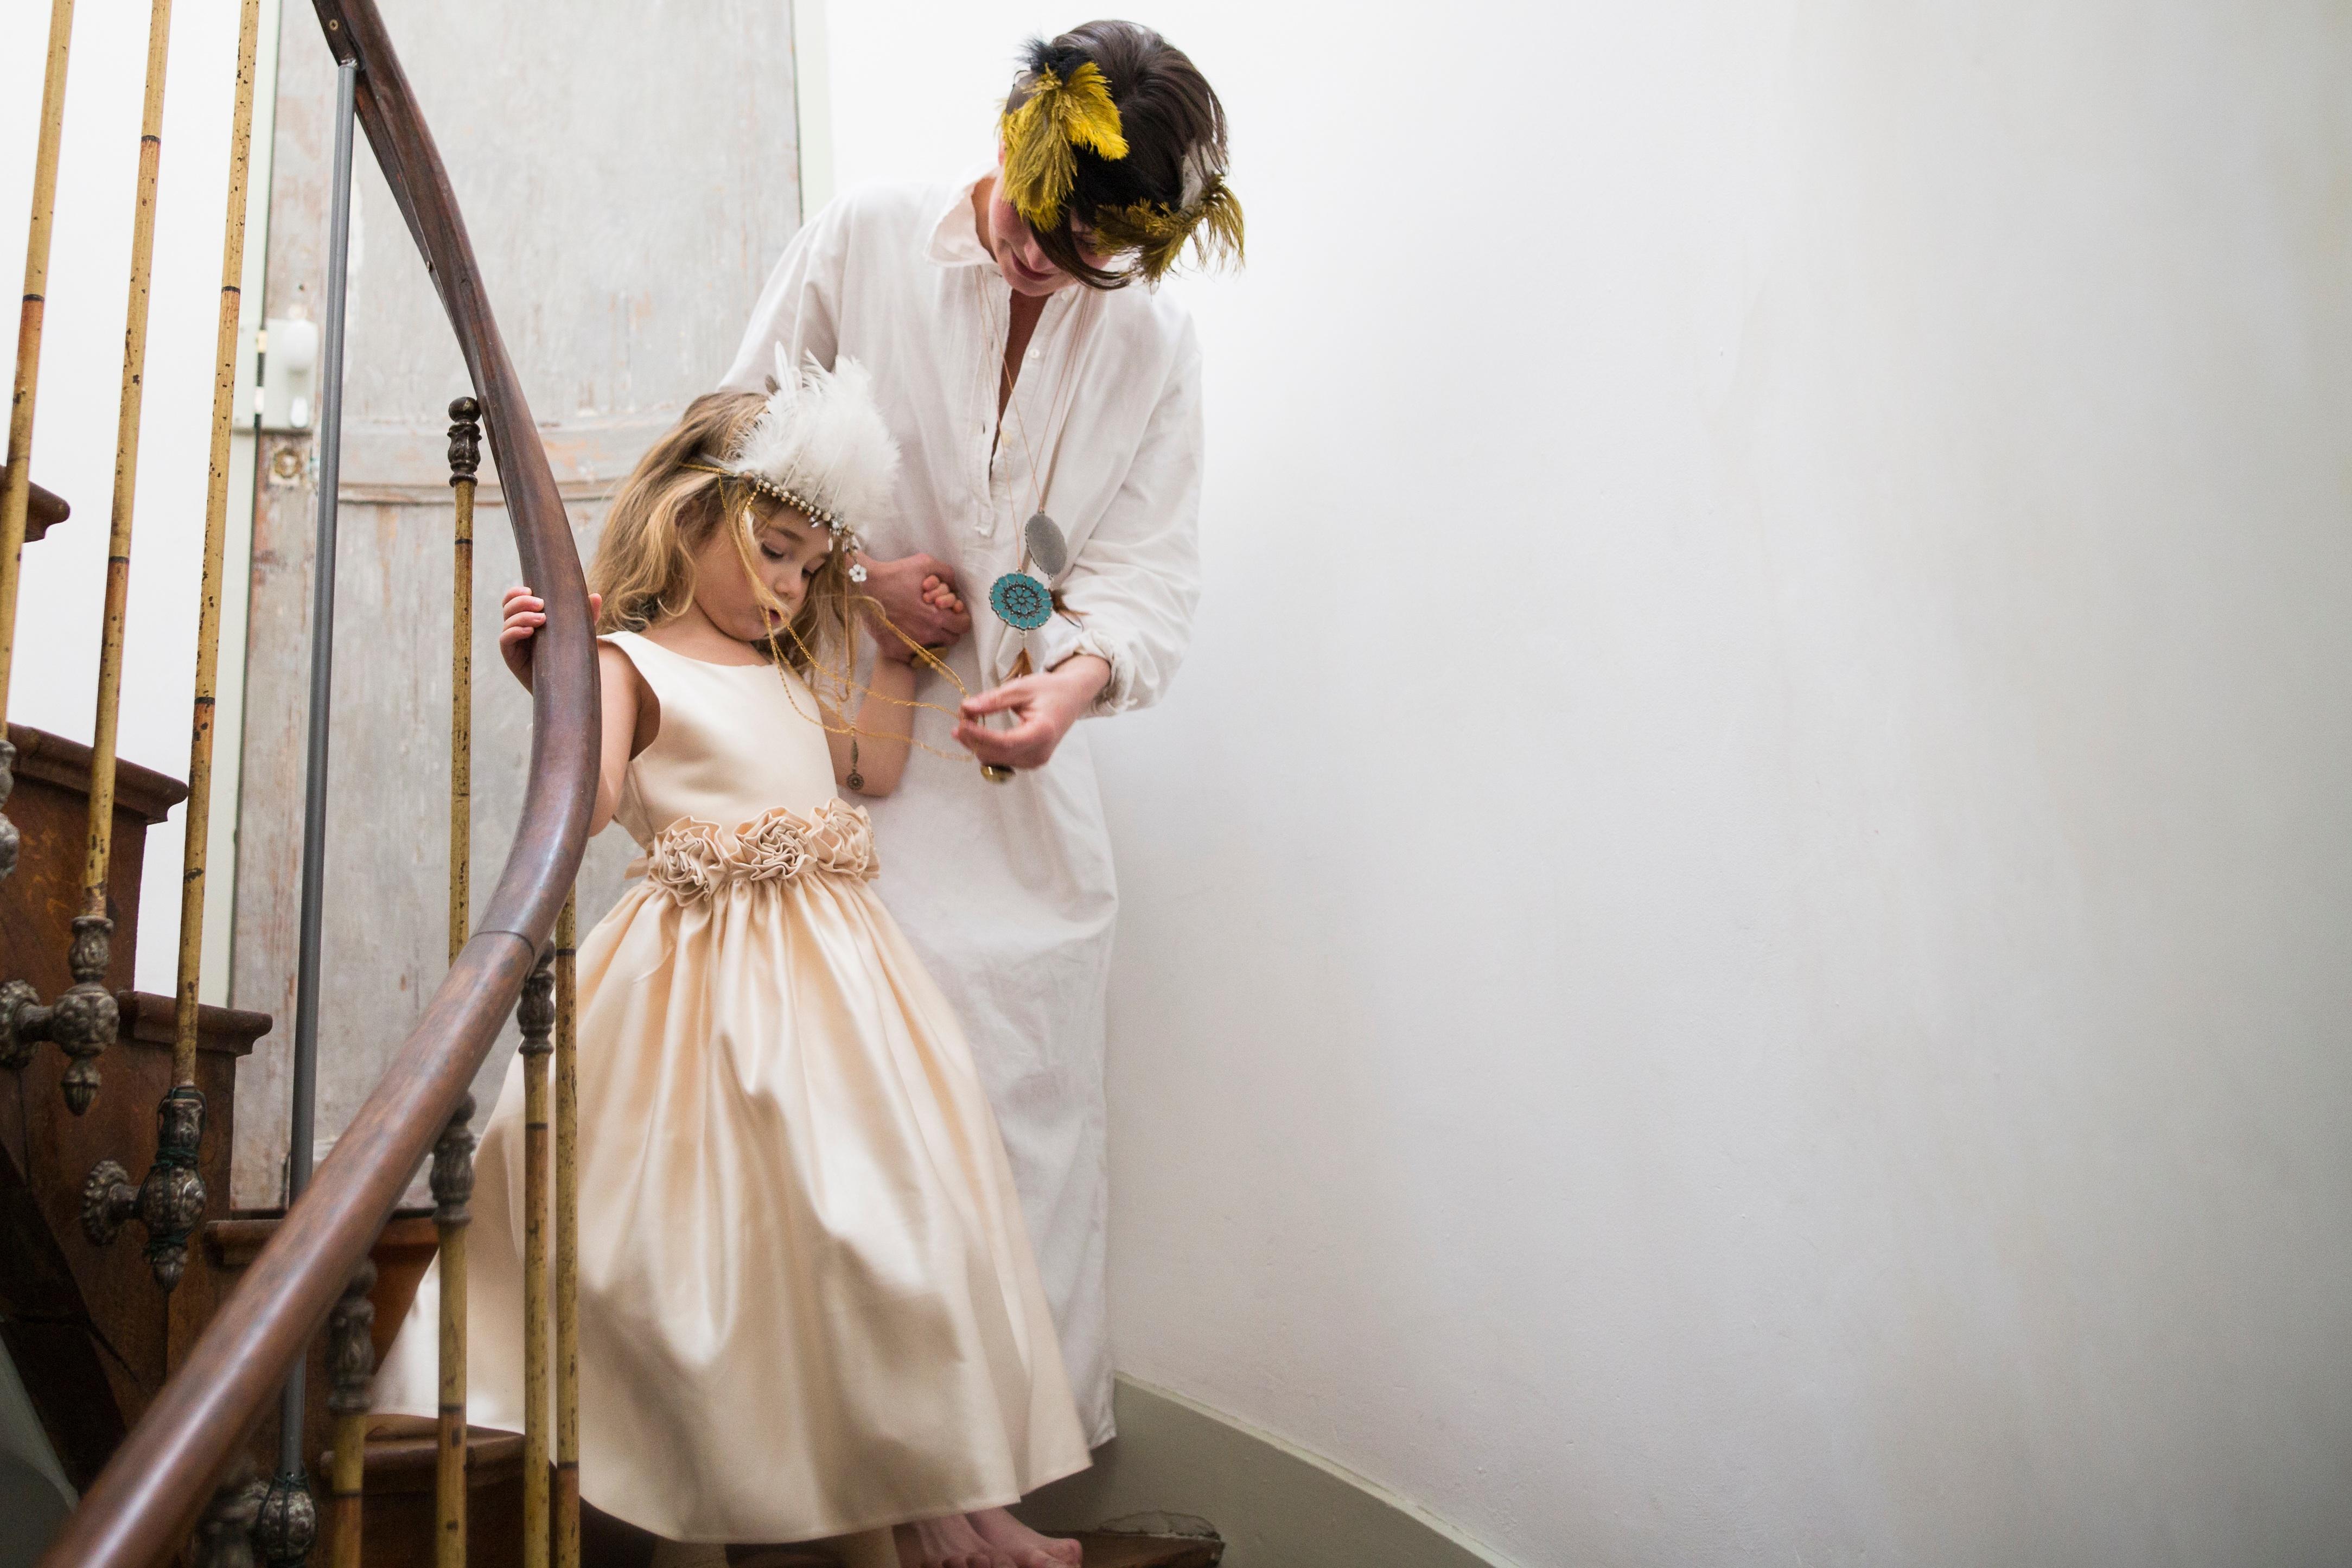 5c231bc3c fotografía primavera niño Moda ropa novia pluma ceremonia vestir madre  fotografía disfraz vestido hija Sesión de